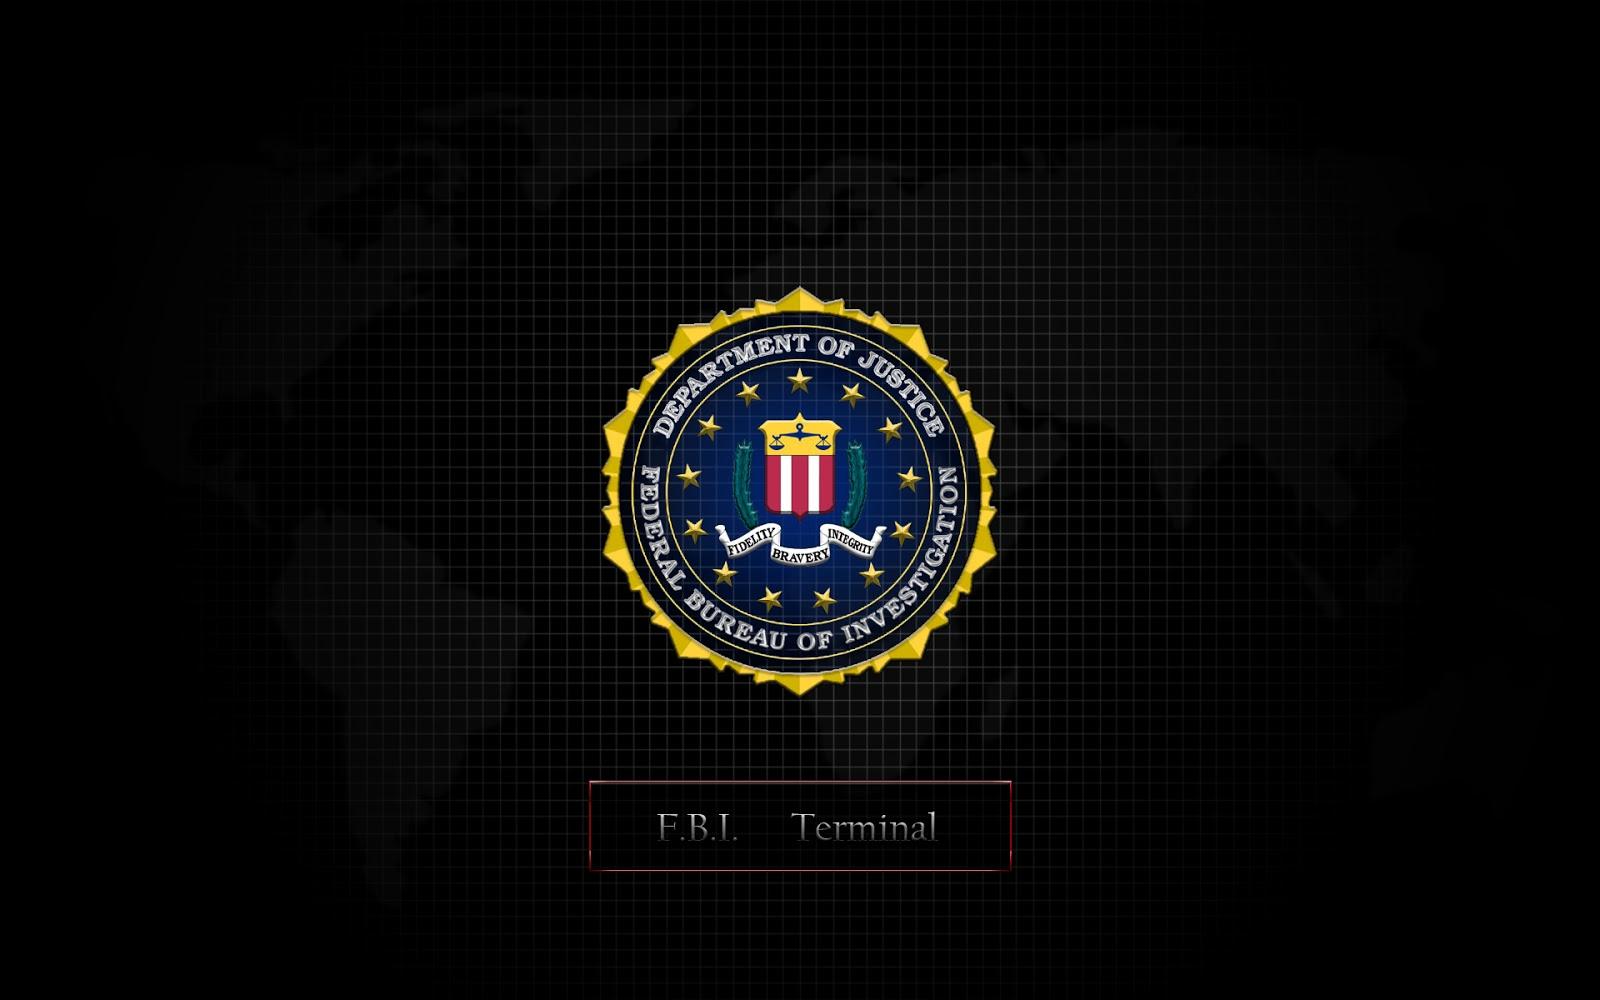 Fbi Wallpaper Fbi wallpaper 1920 x 1200 1600x1000